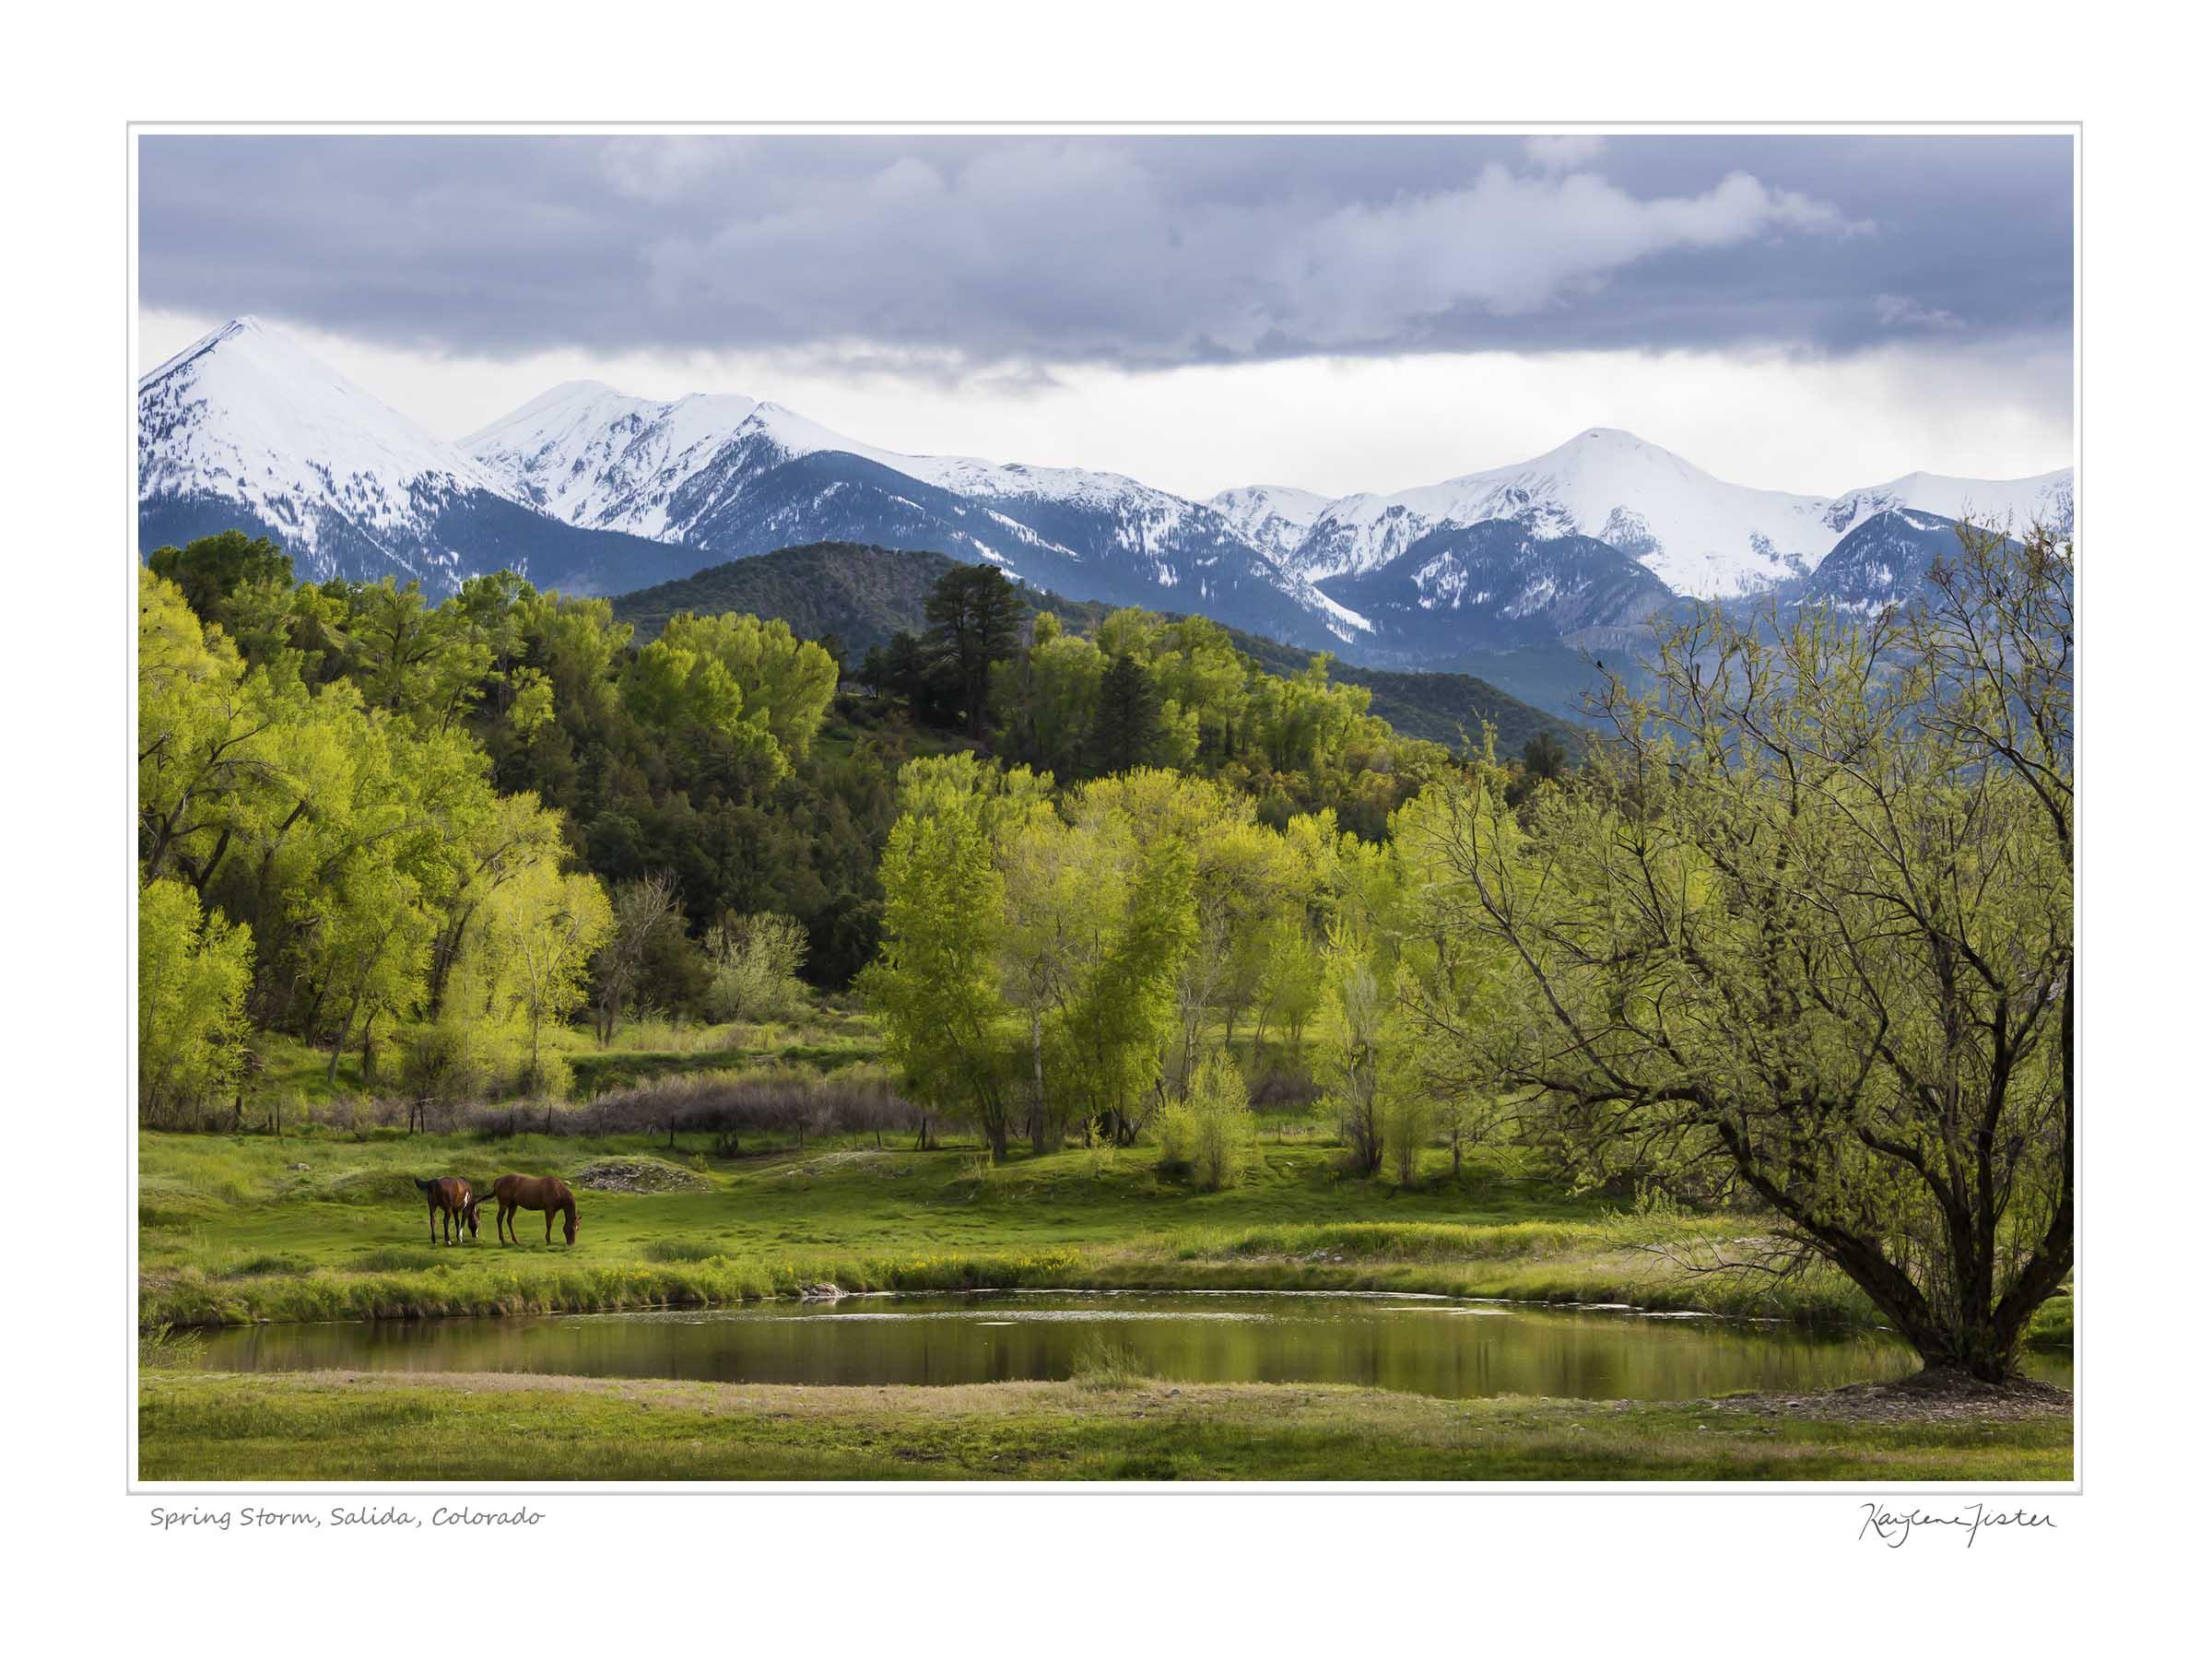 0034:3278 Spring Storm, Salida Colorado